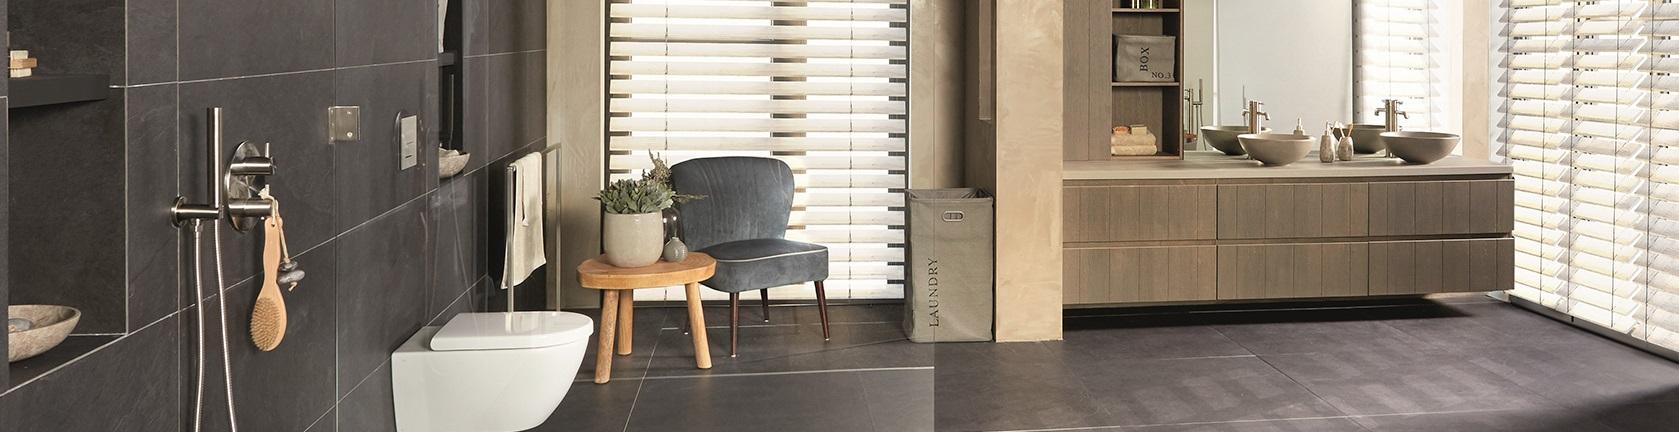 Badkamer voorzien van een toilet douche stoel wandmeubel in de kleuren grijs beige en hout